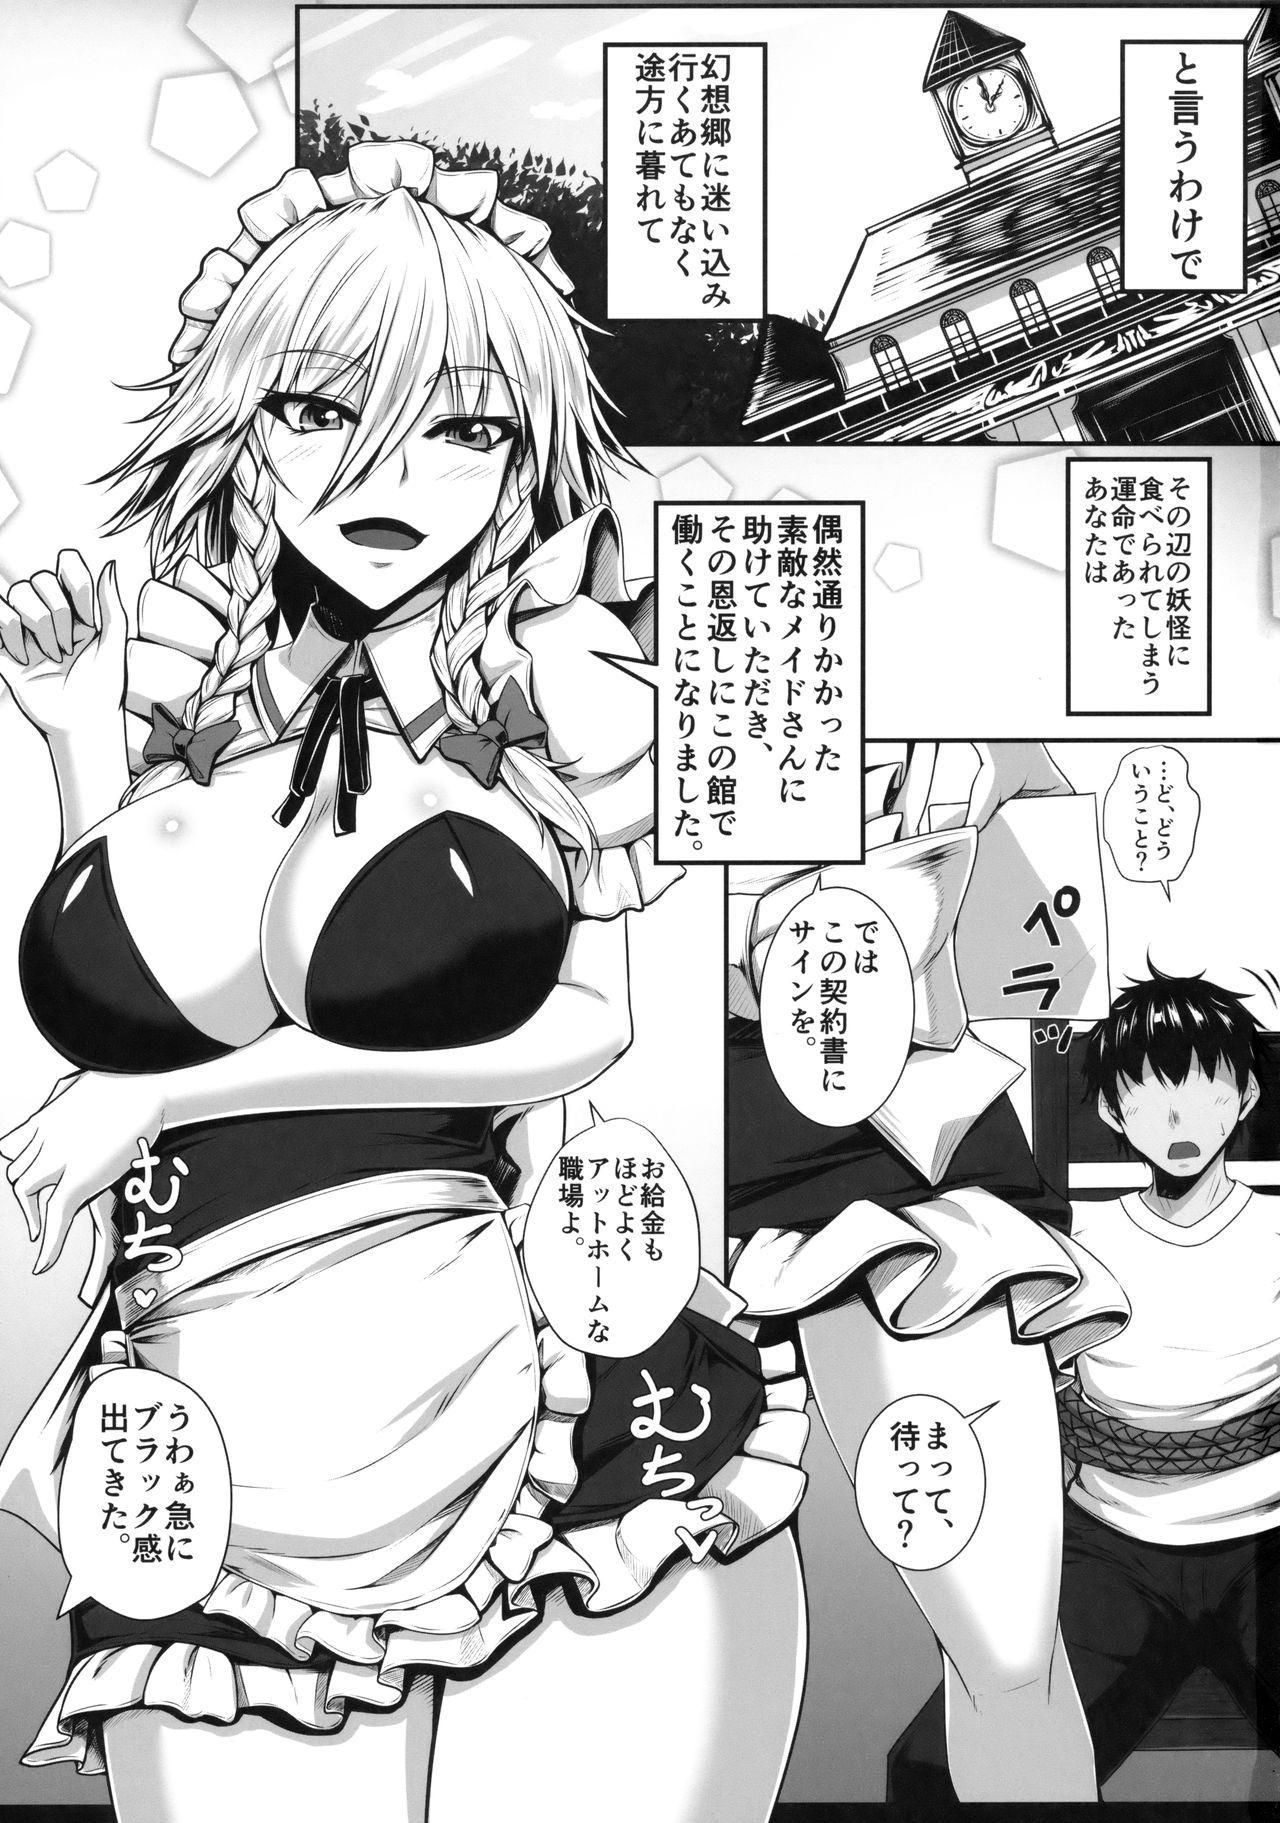 SakuNuki! 1